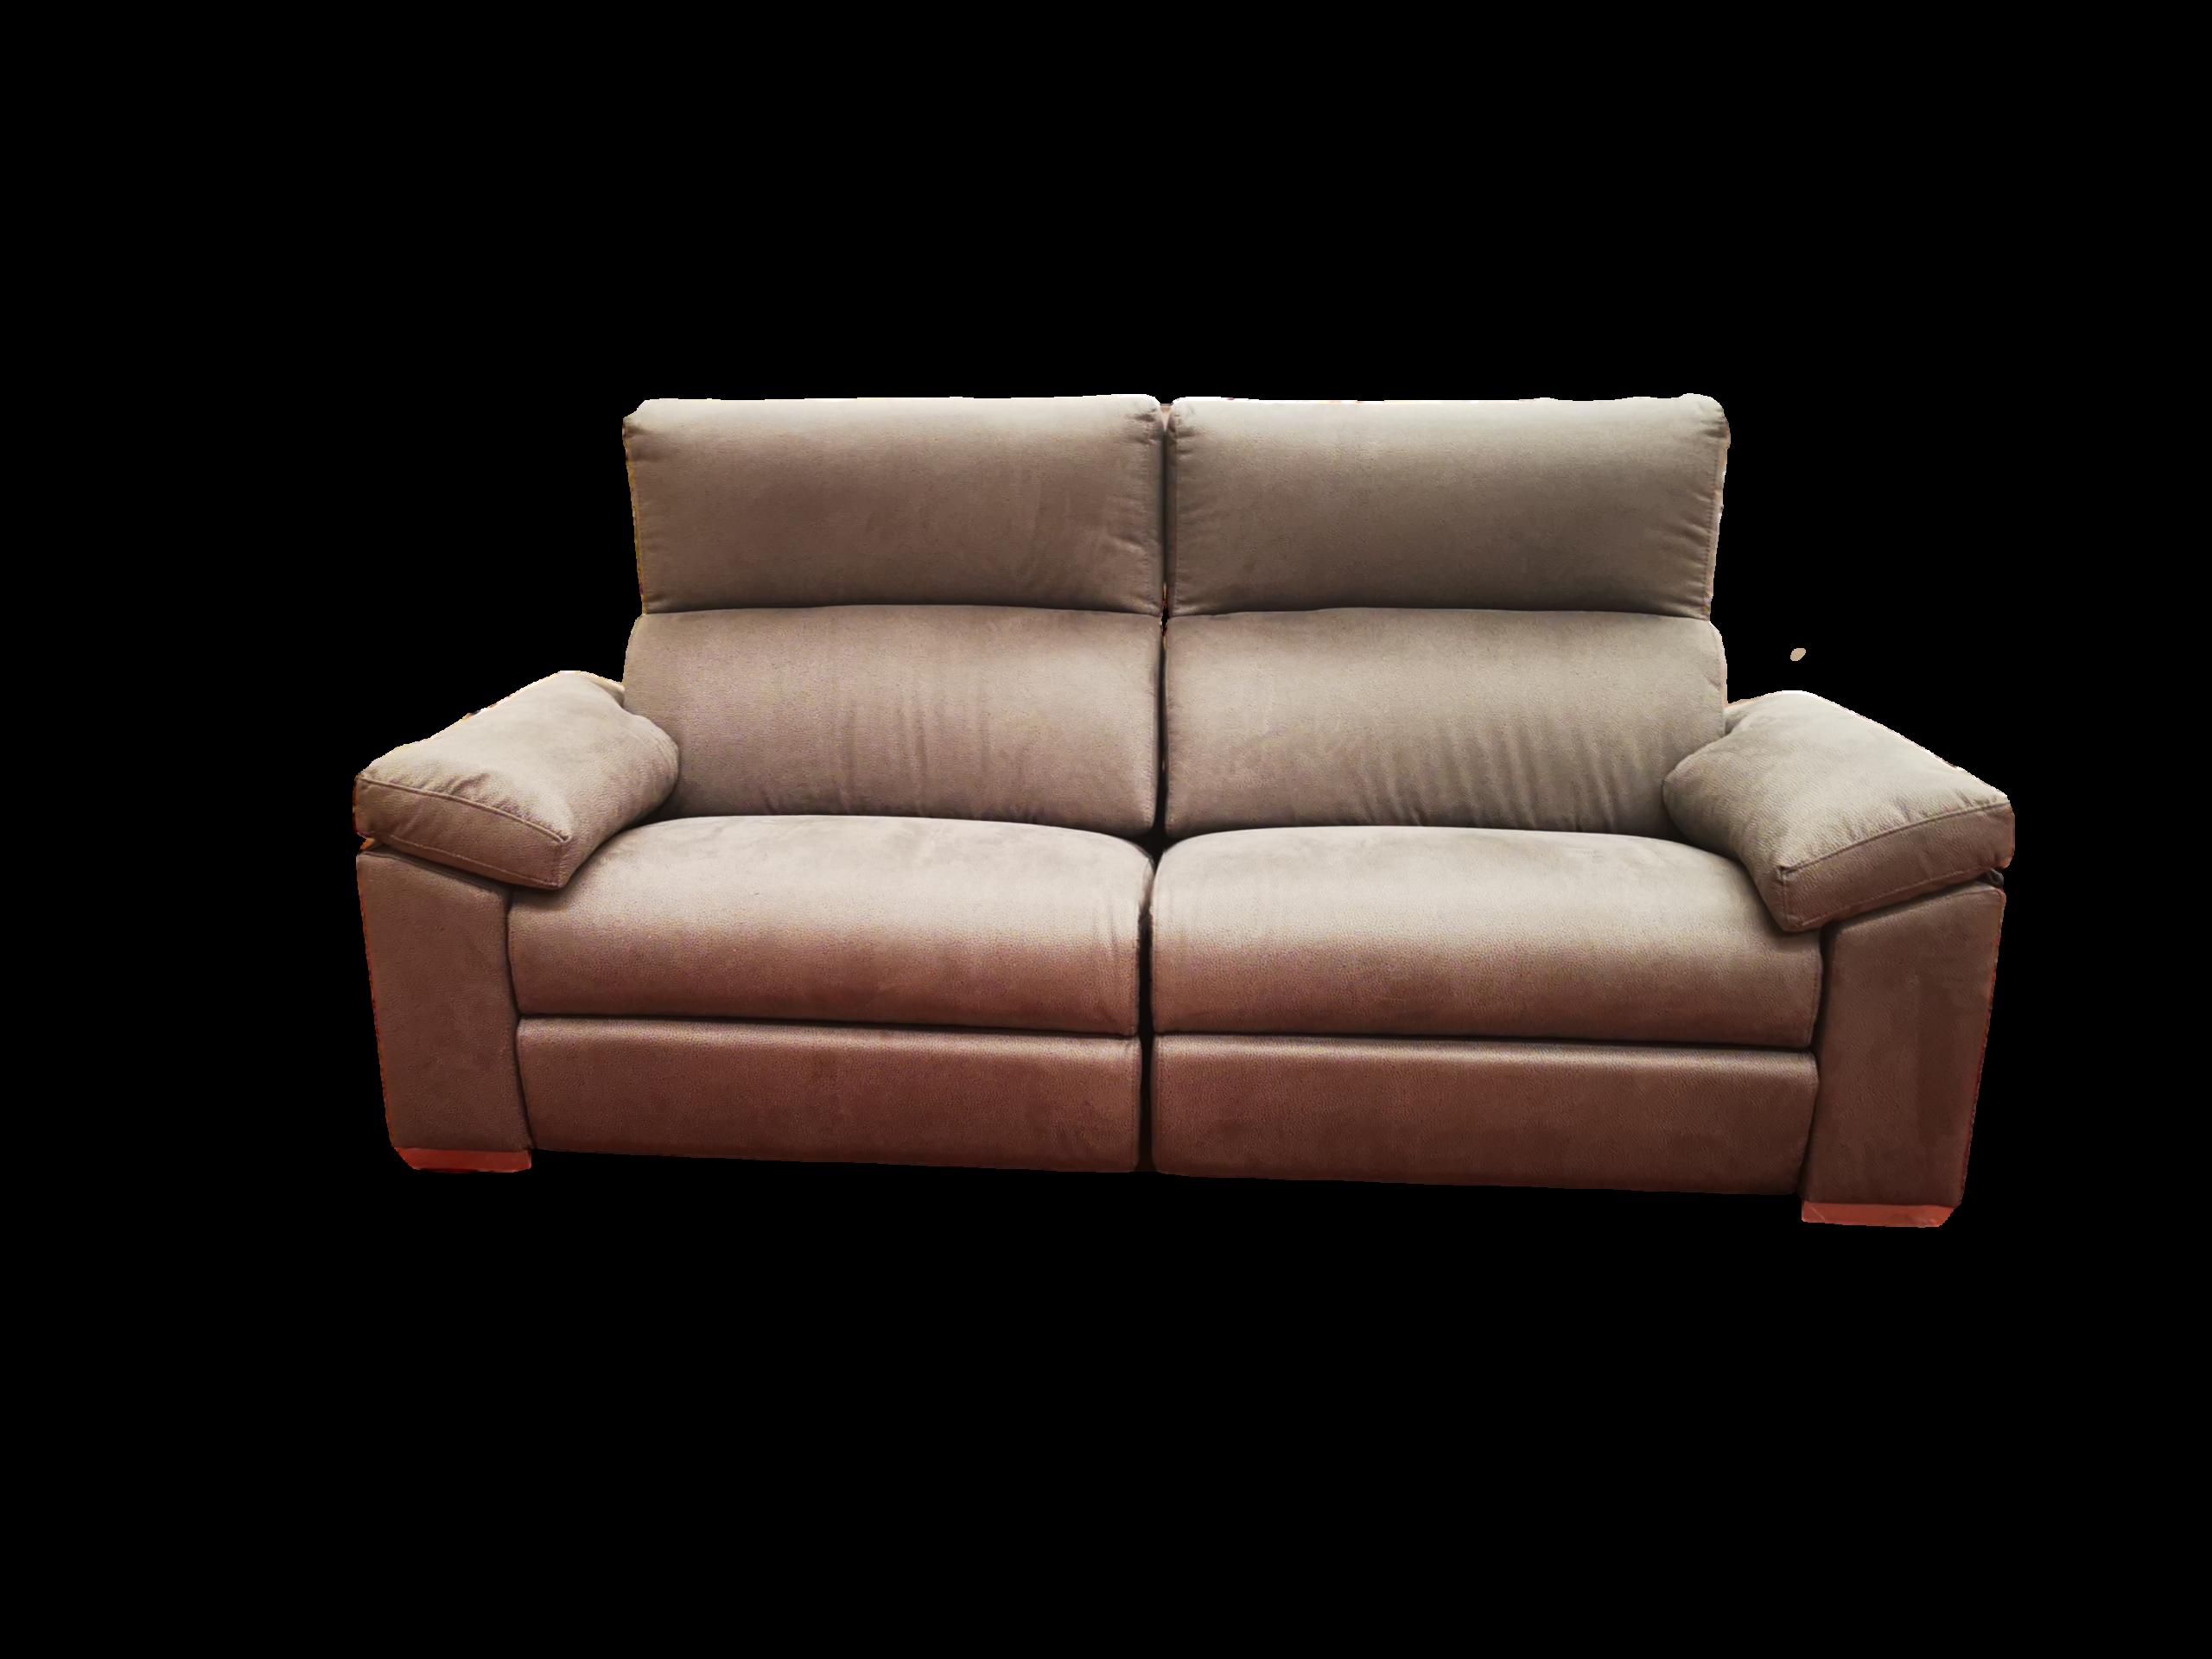 sofa-modelo-sky-2-20-mt-2-motores-800e